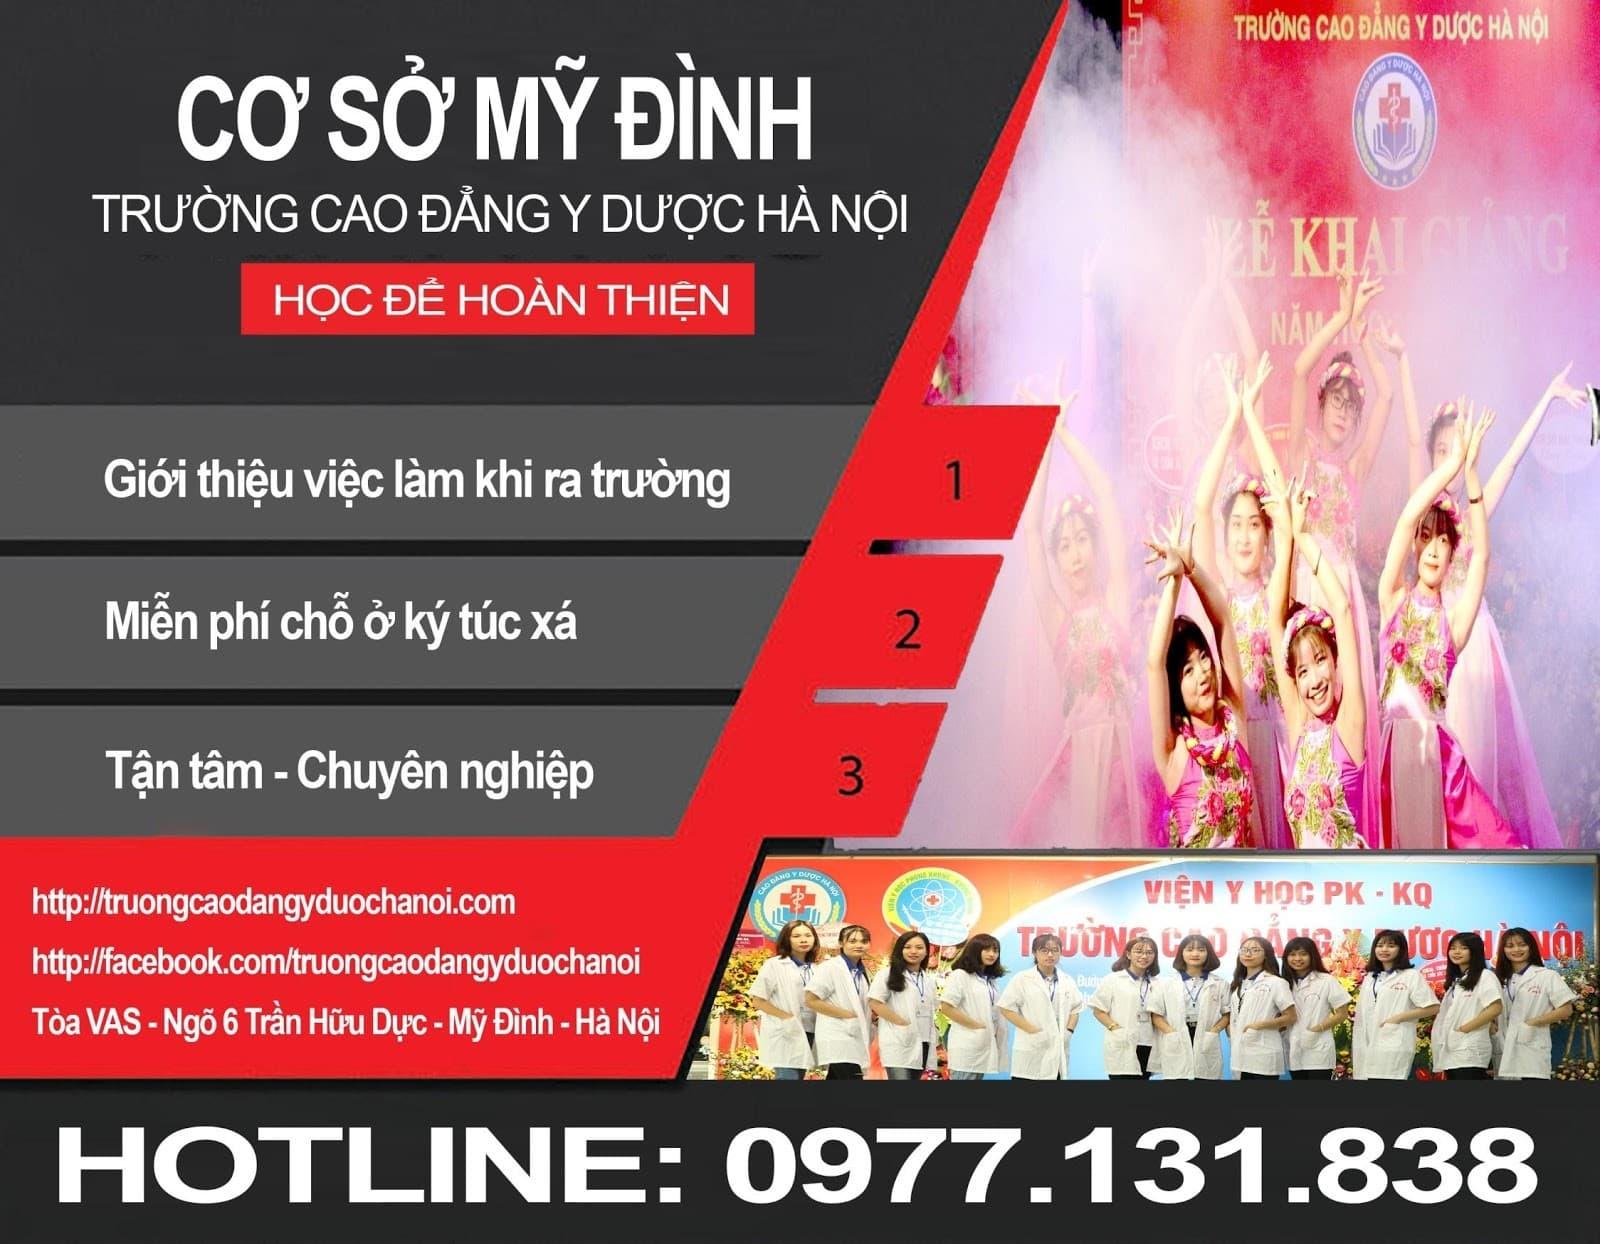 cd-y-duoc-ha-noi-co-so-my-dinh-36-2-ngoisaovn-w1600-h1244 0